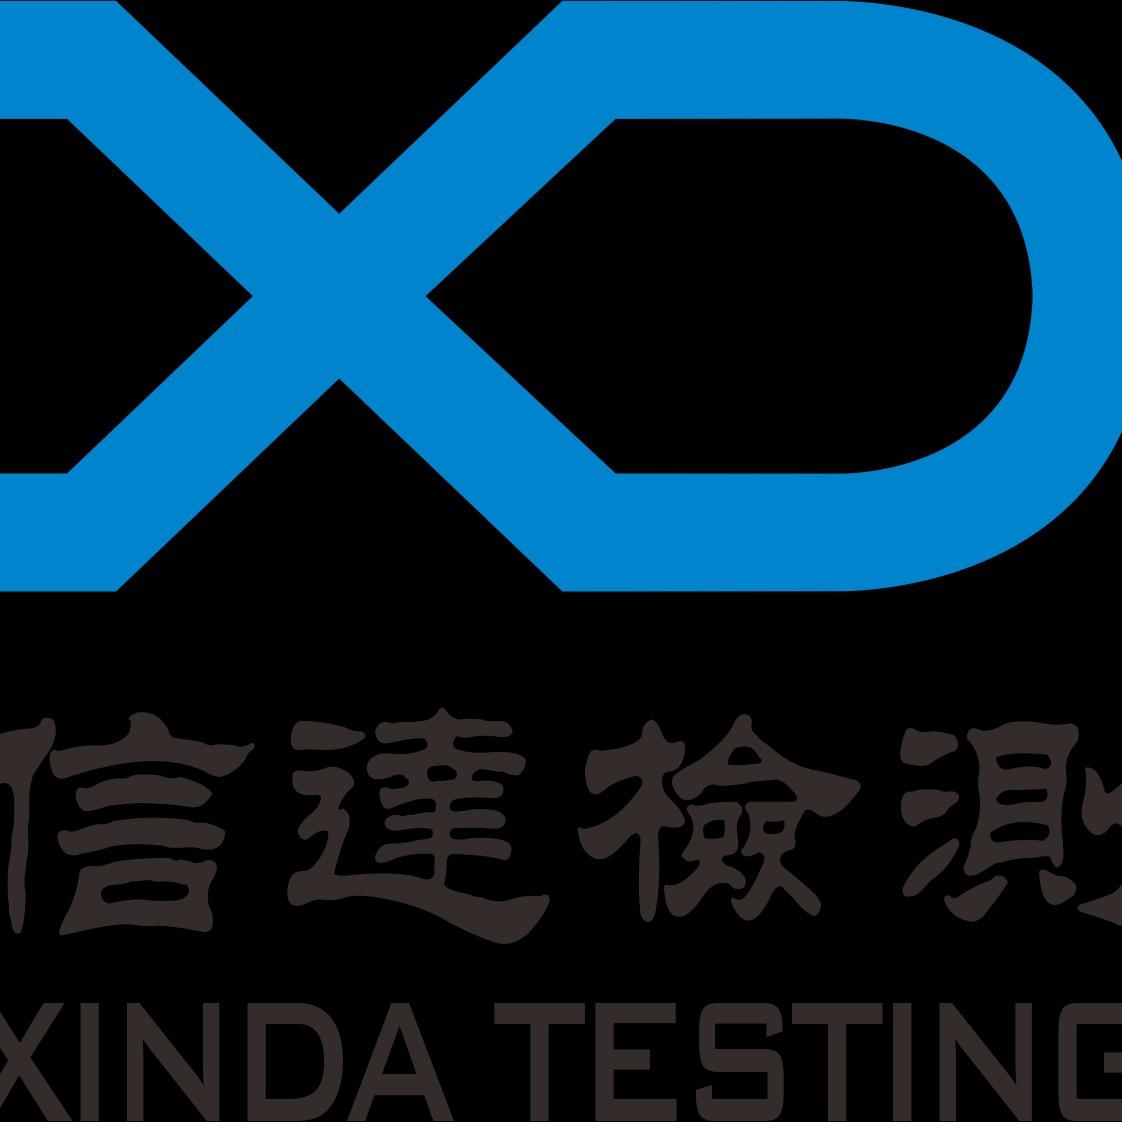 重慶信達工程檢測技術有限公司